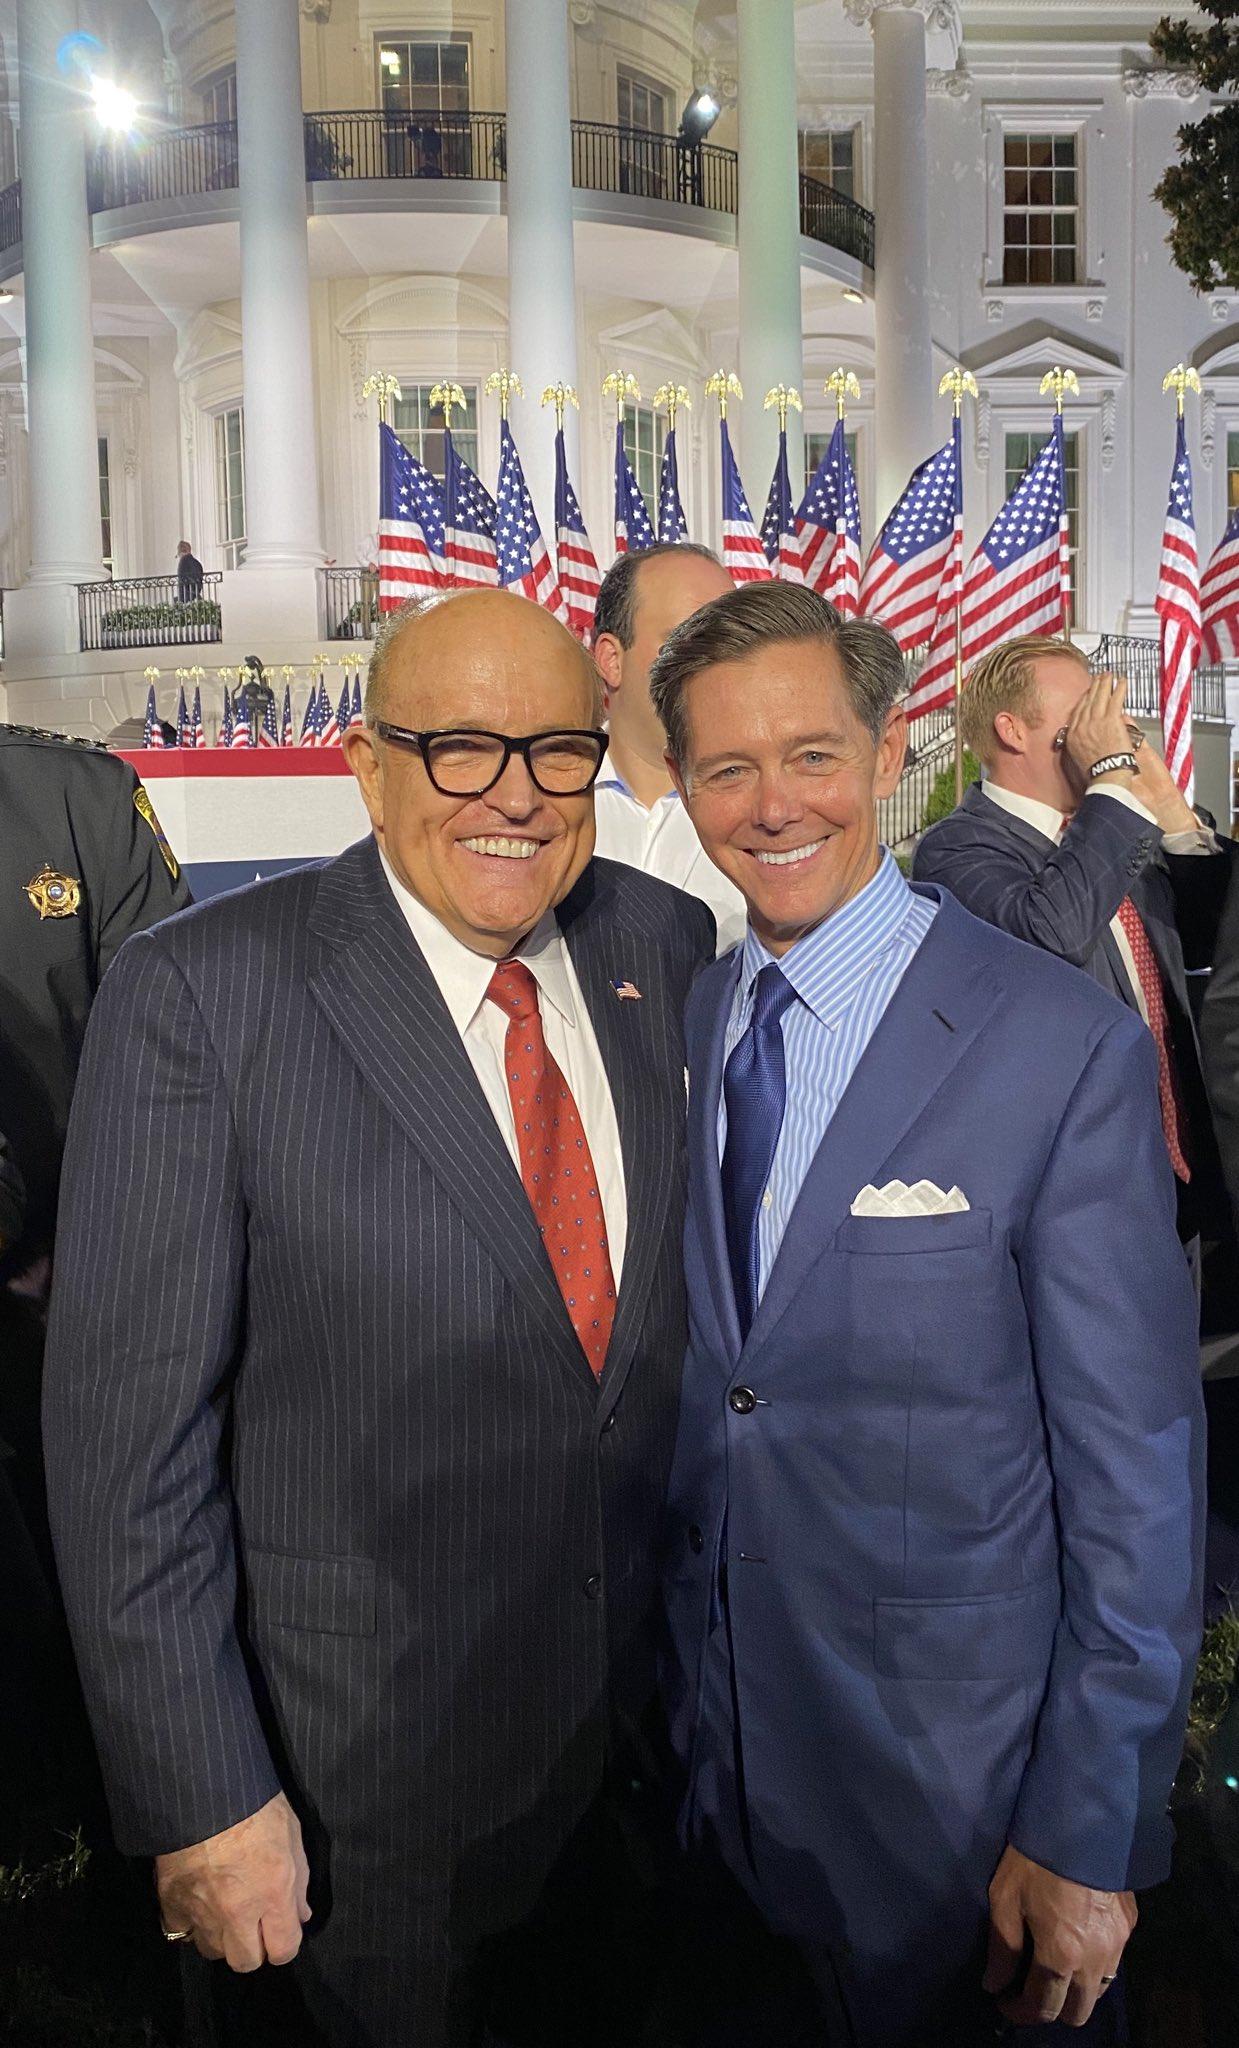 Reed and Giuliani